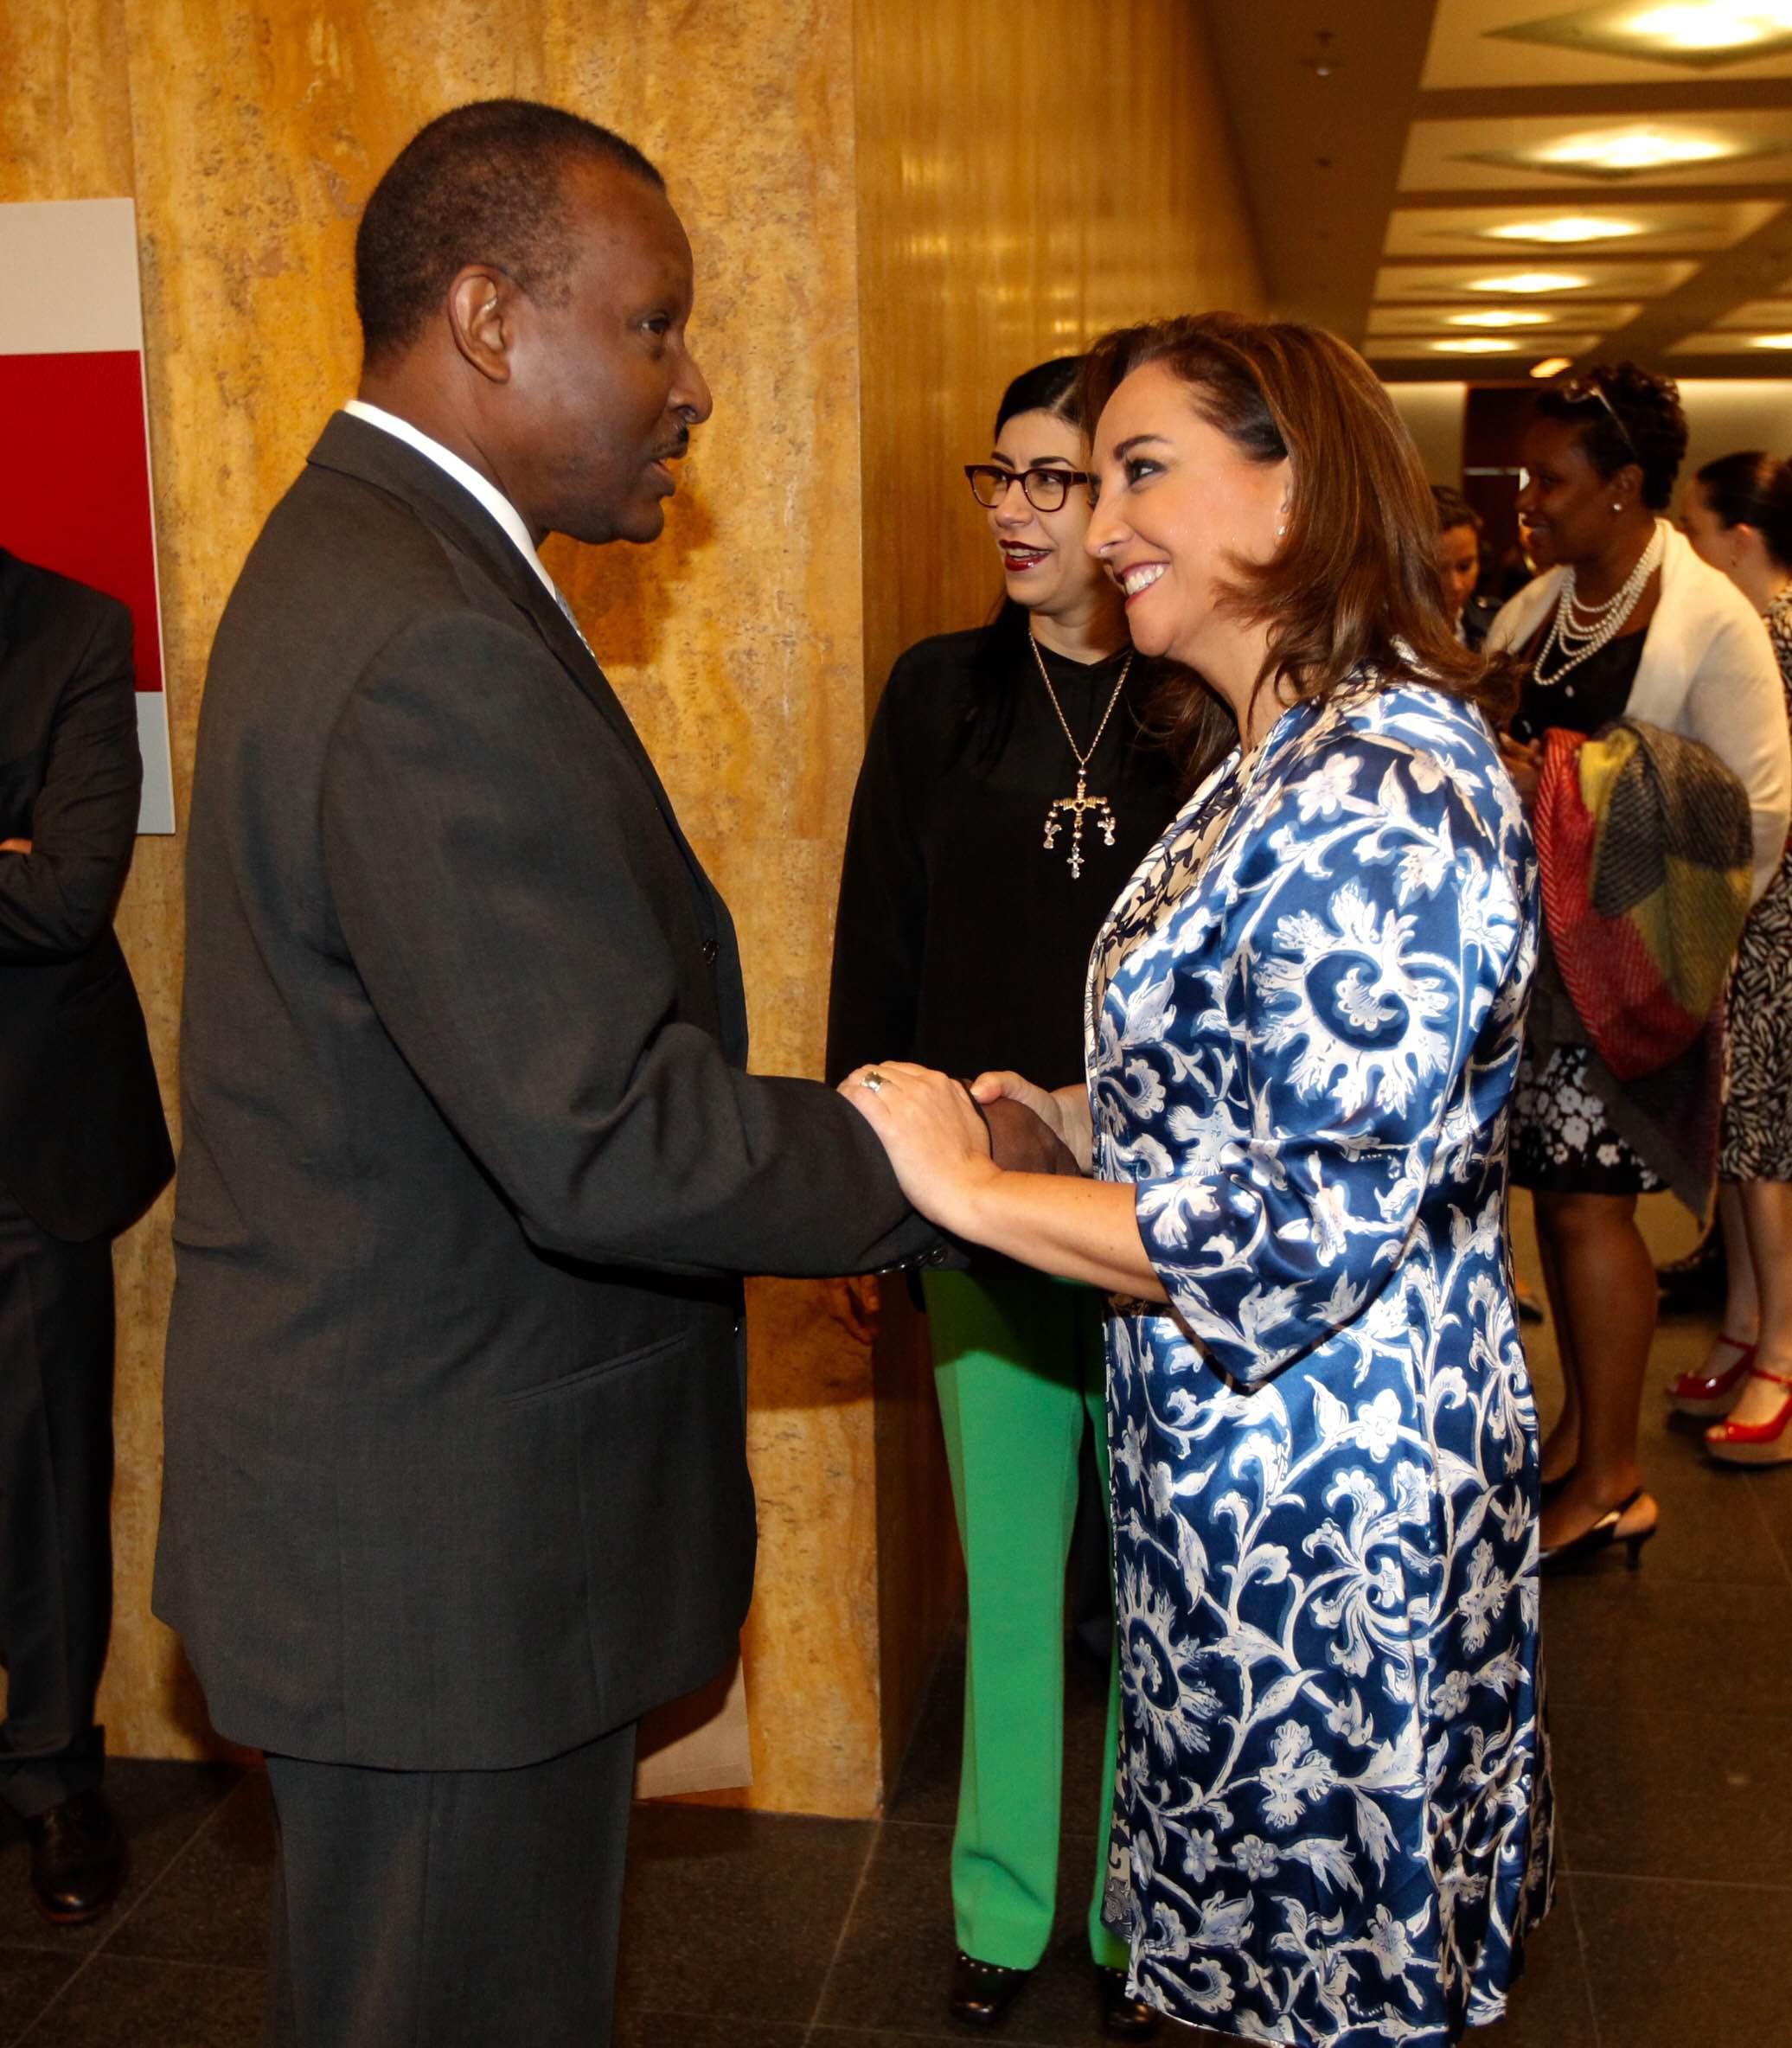 FOTO 2 Impulsa M xico acciones de cooperaci n con el Caribe.jpg